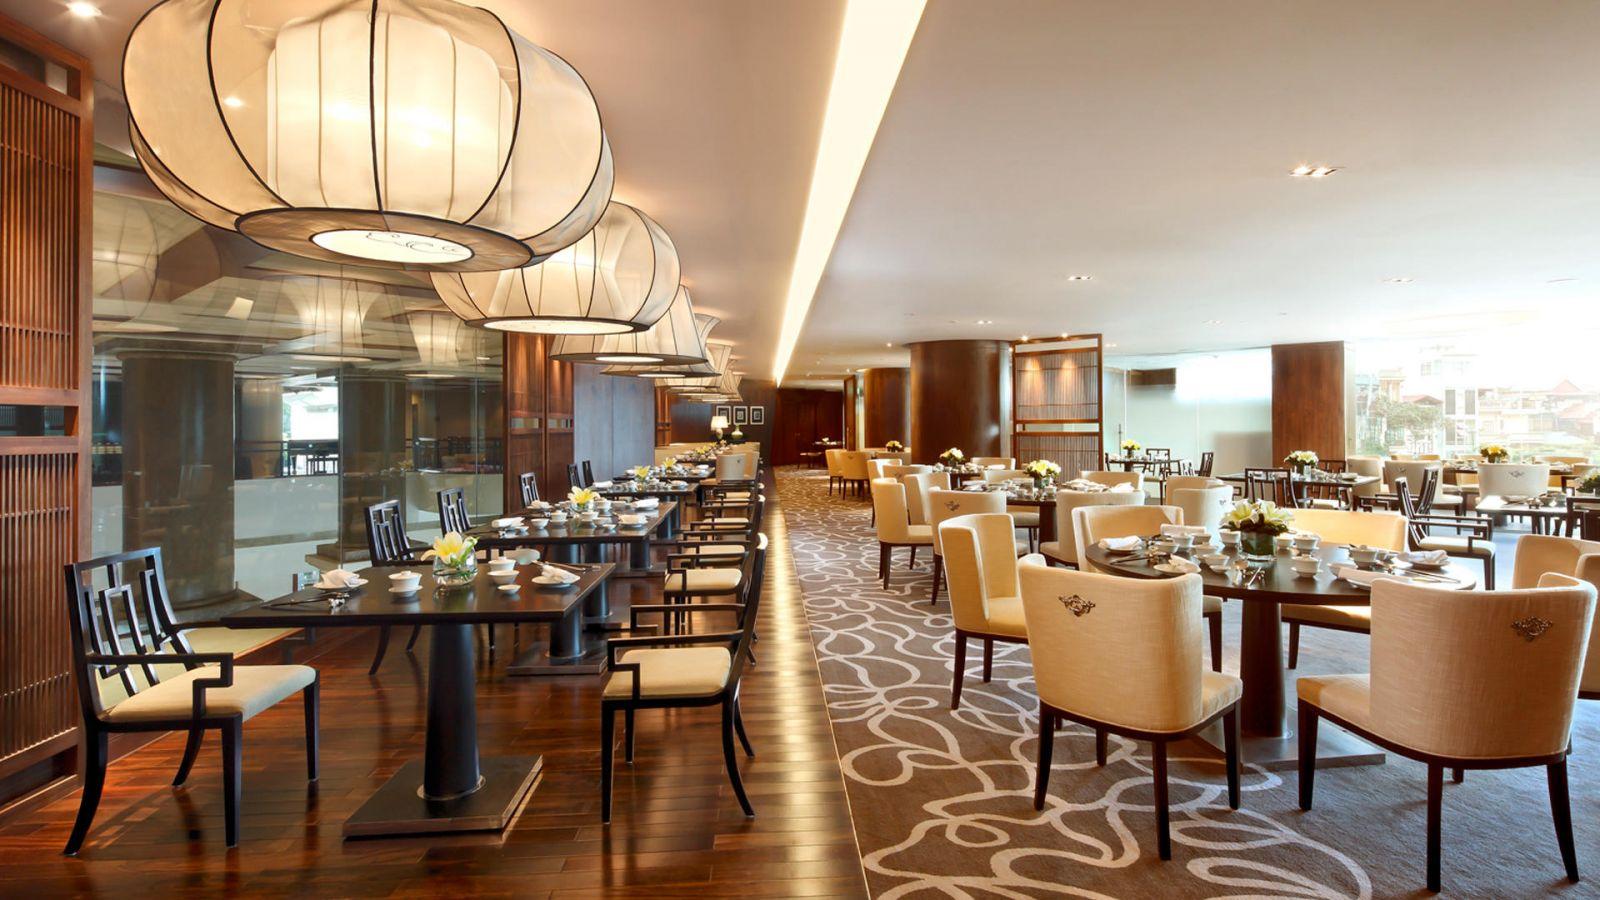 Diễn đàn rao vặt:  thiết kế thi công nội thất nhà hàng thức ăn nhanh phải đảm bảo được tính khoa họ Nha-hang-dep-sang-trong